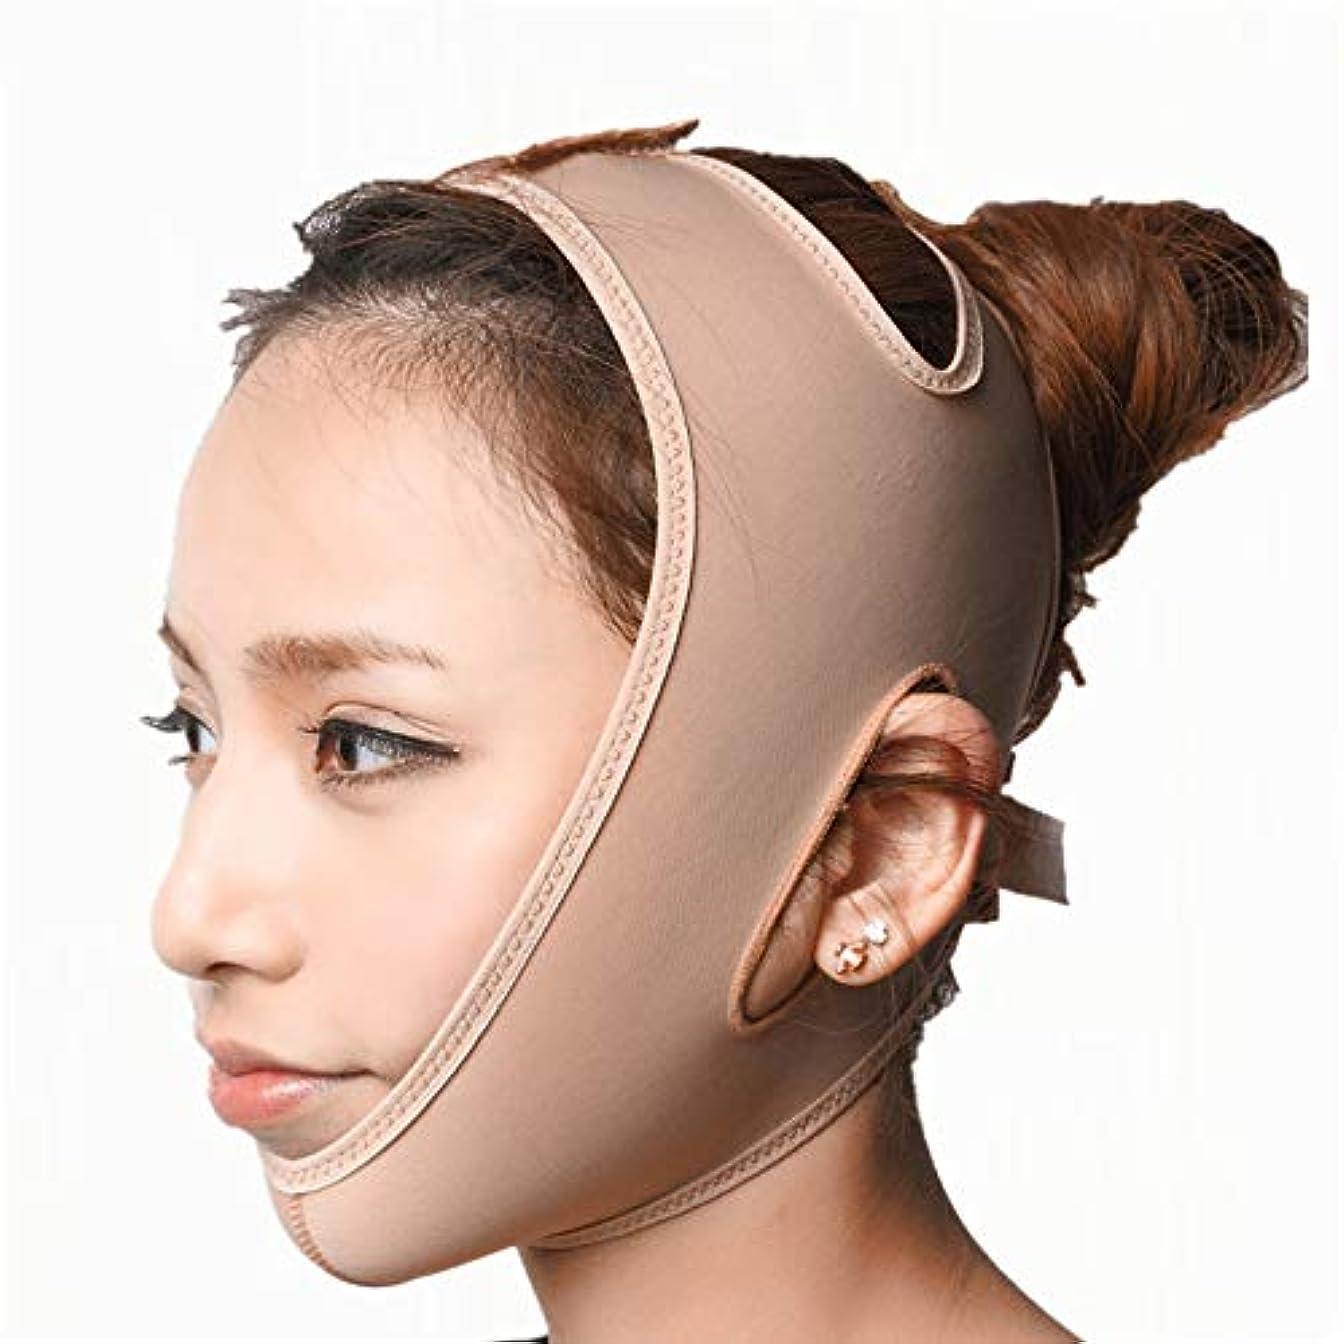 別れる会社献身Jia Jia- 顔の持ち上がる痩身ベルト - アンチエイジングリンクルフェイスマスクベルトシンフェイス包帯整形マスクは顔と首を締めますフェイススリム 顔面包帯 (サイズ さいず : M)